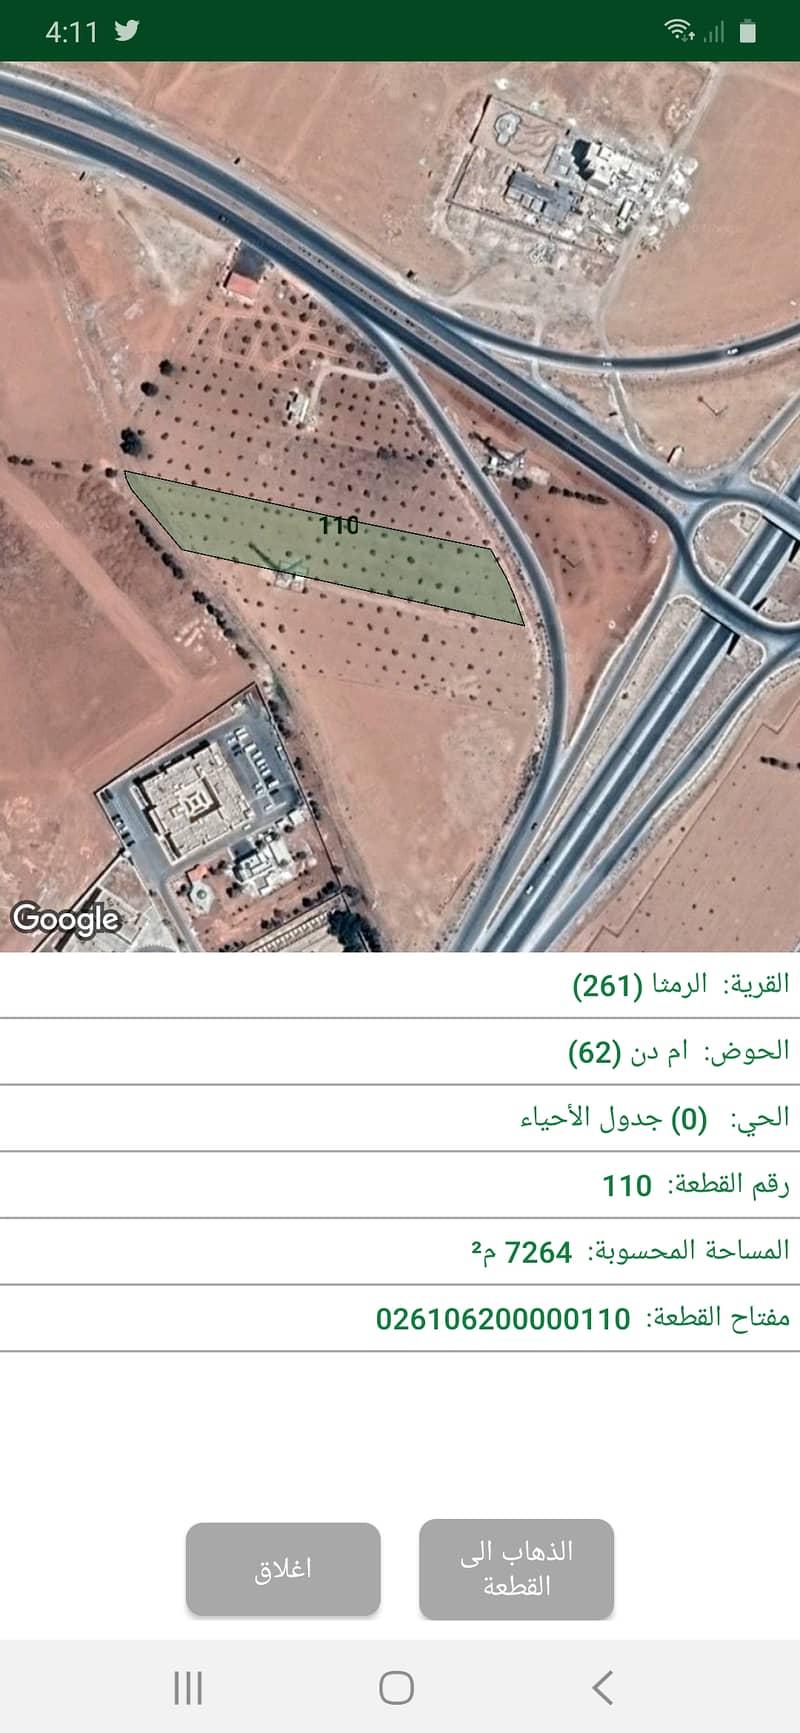 للبيع قطعة أرض في أربد  بمساحة ١٥,٢٢١ متر مربع